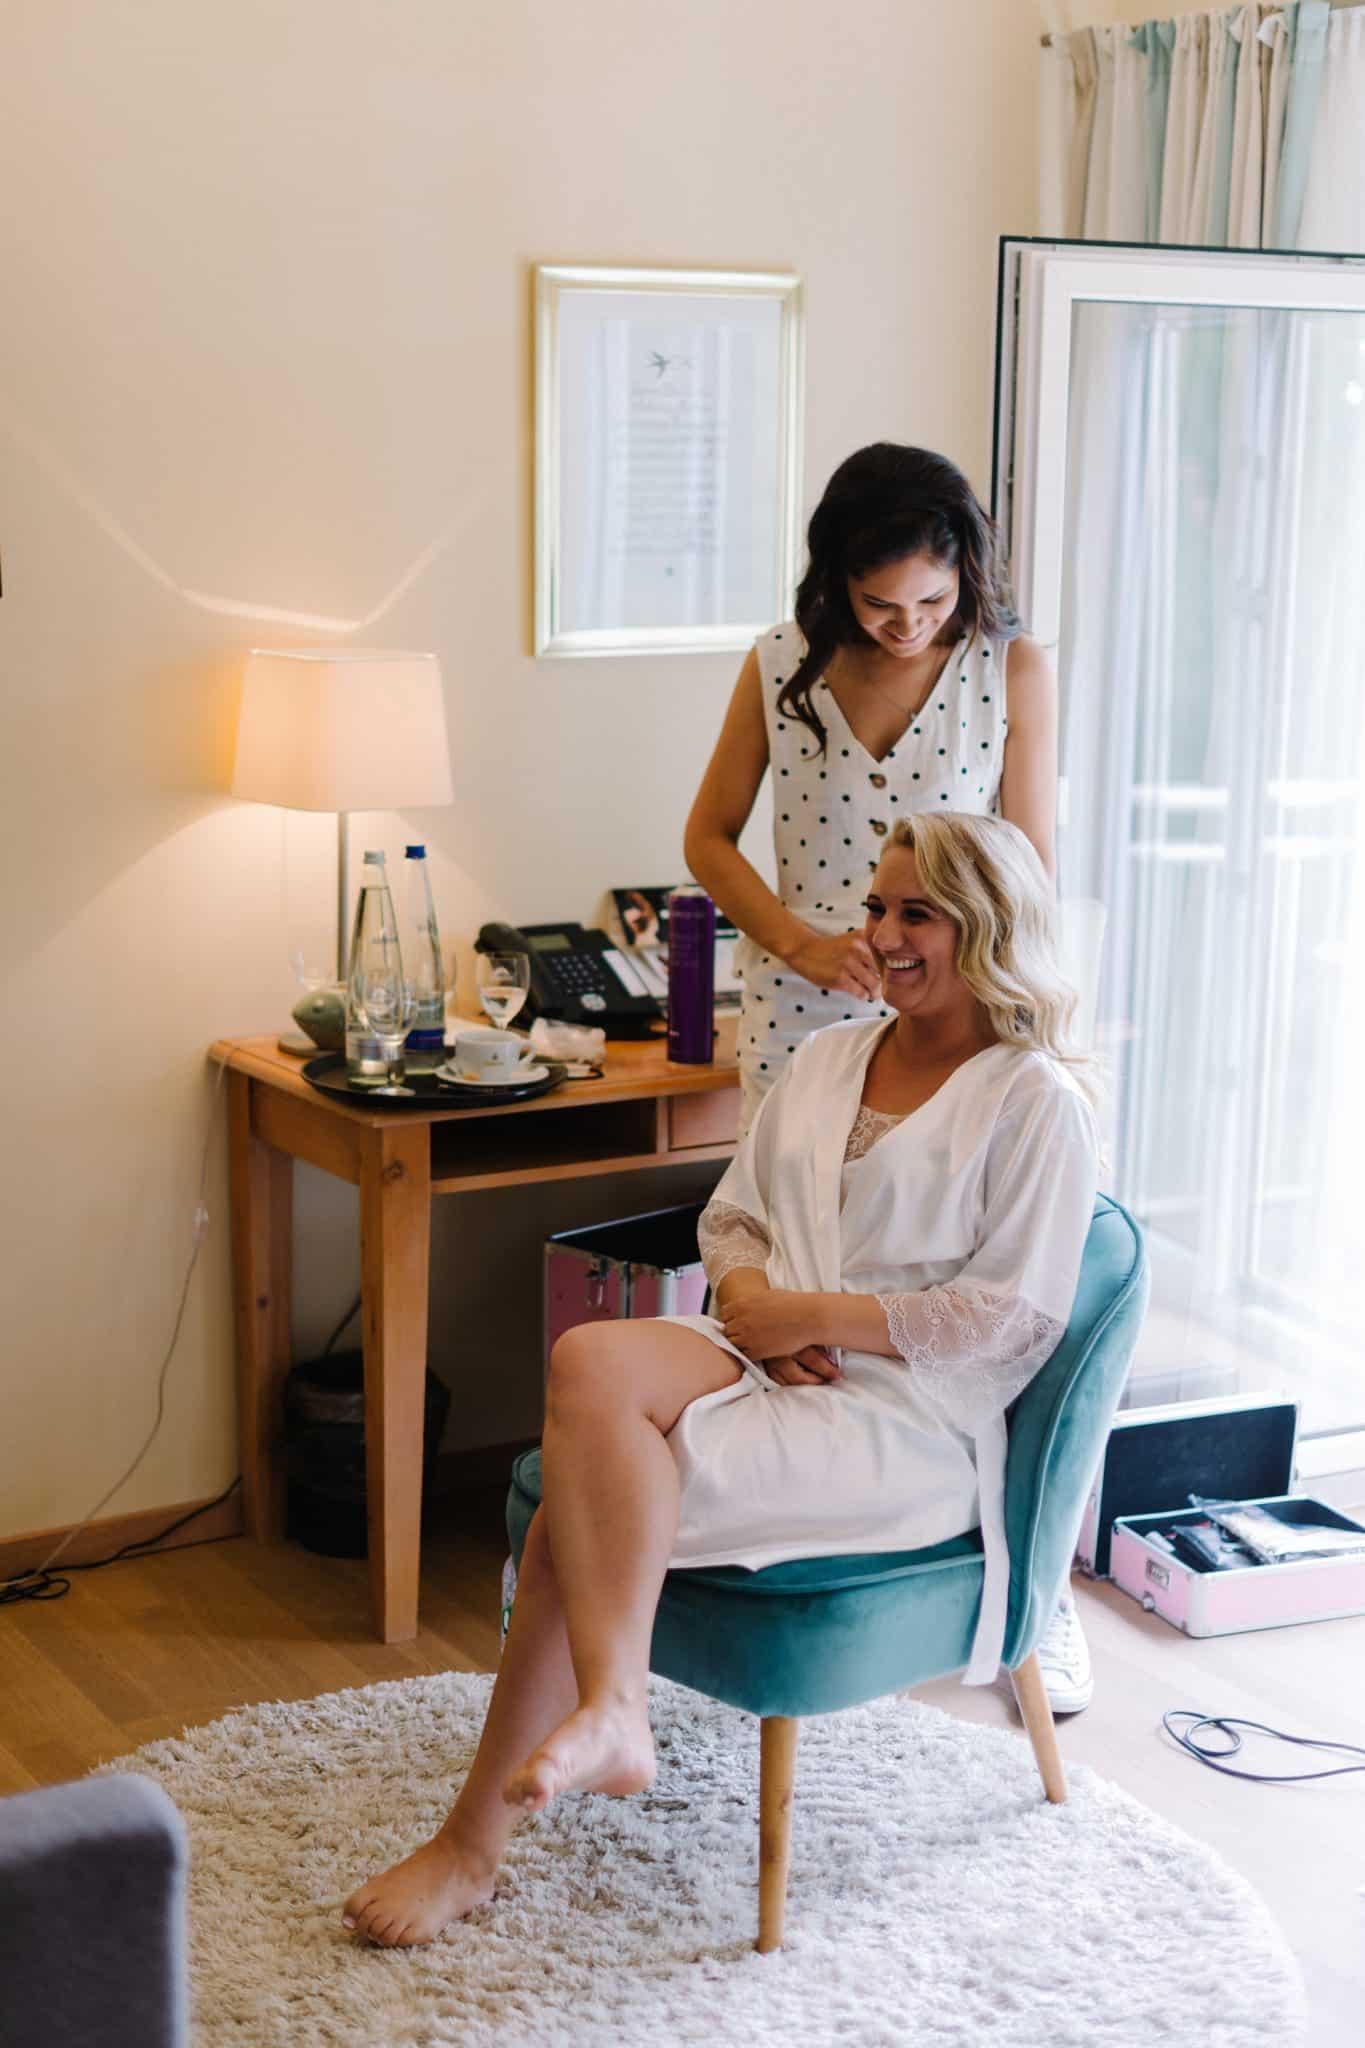 Eine Braut beim Getting Ready. Sie sitzt und ihre Haare werden gerade gestylt.